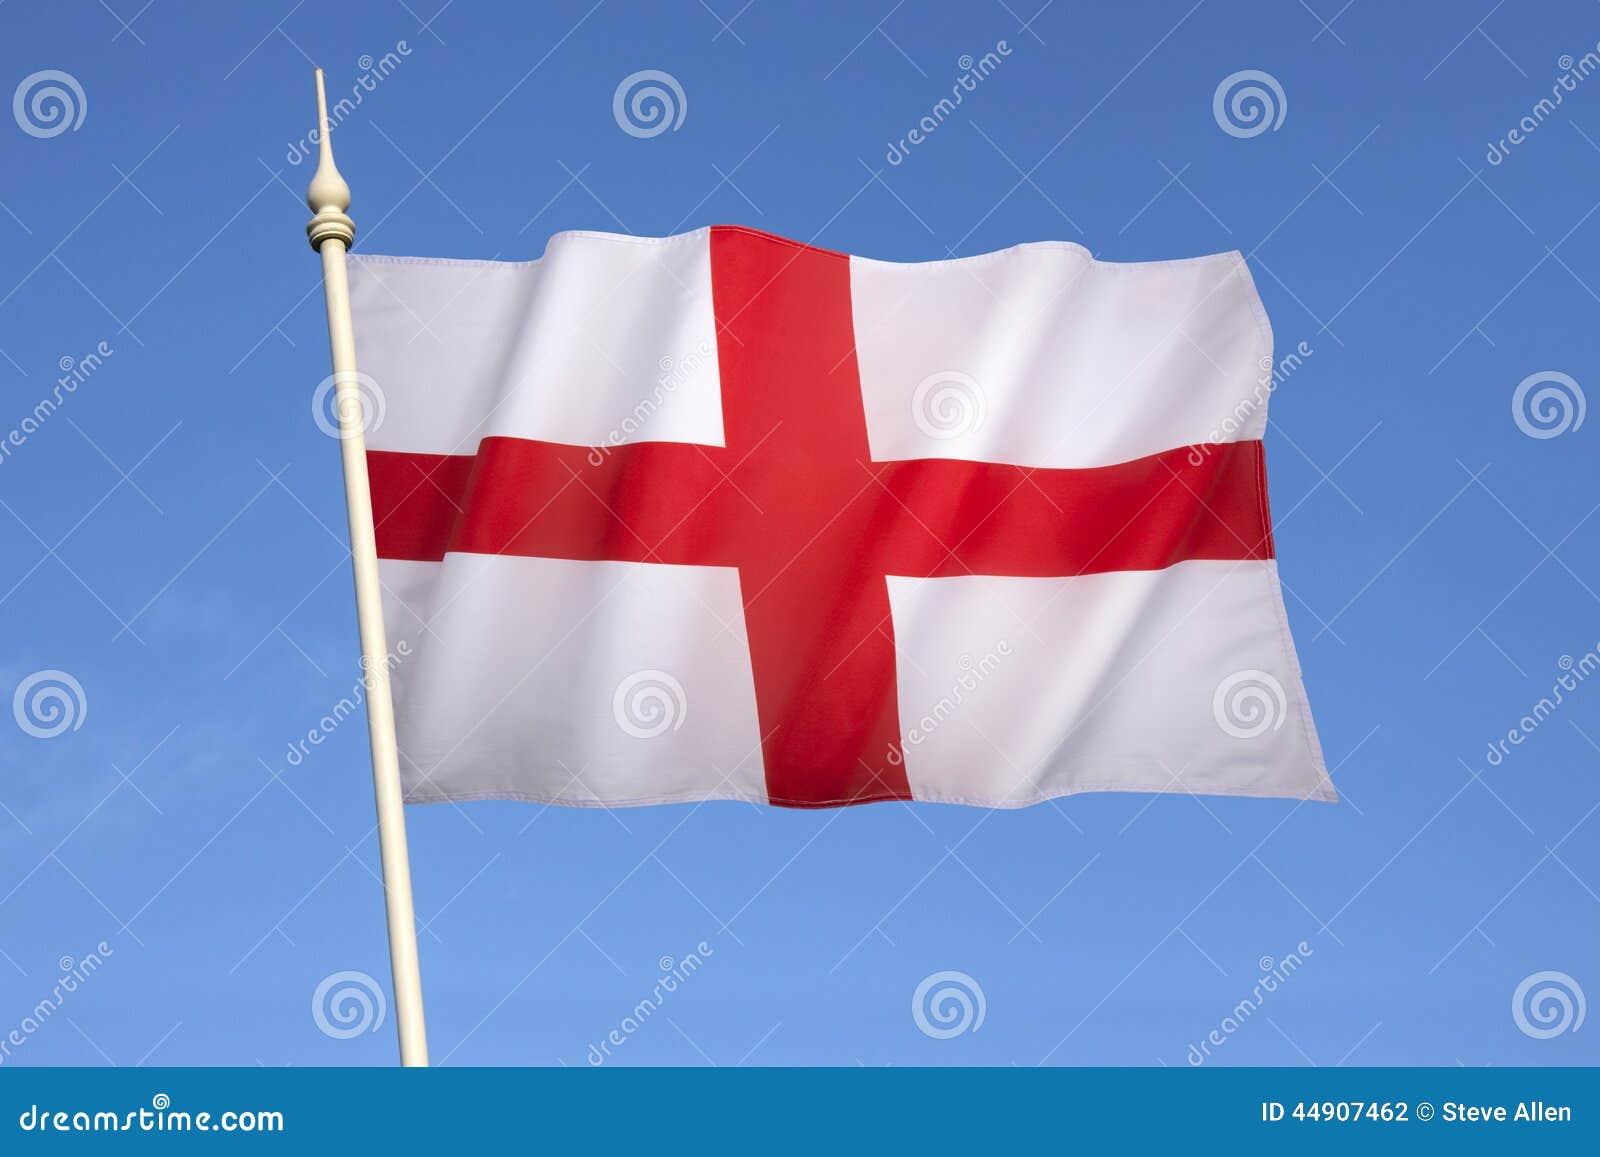 Connu Drapeau De L'Angleterre - Le Royaume-Uni Photo stock - Image: 44907462 AA38